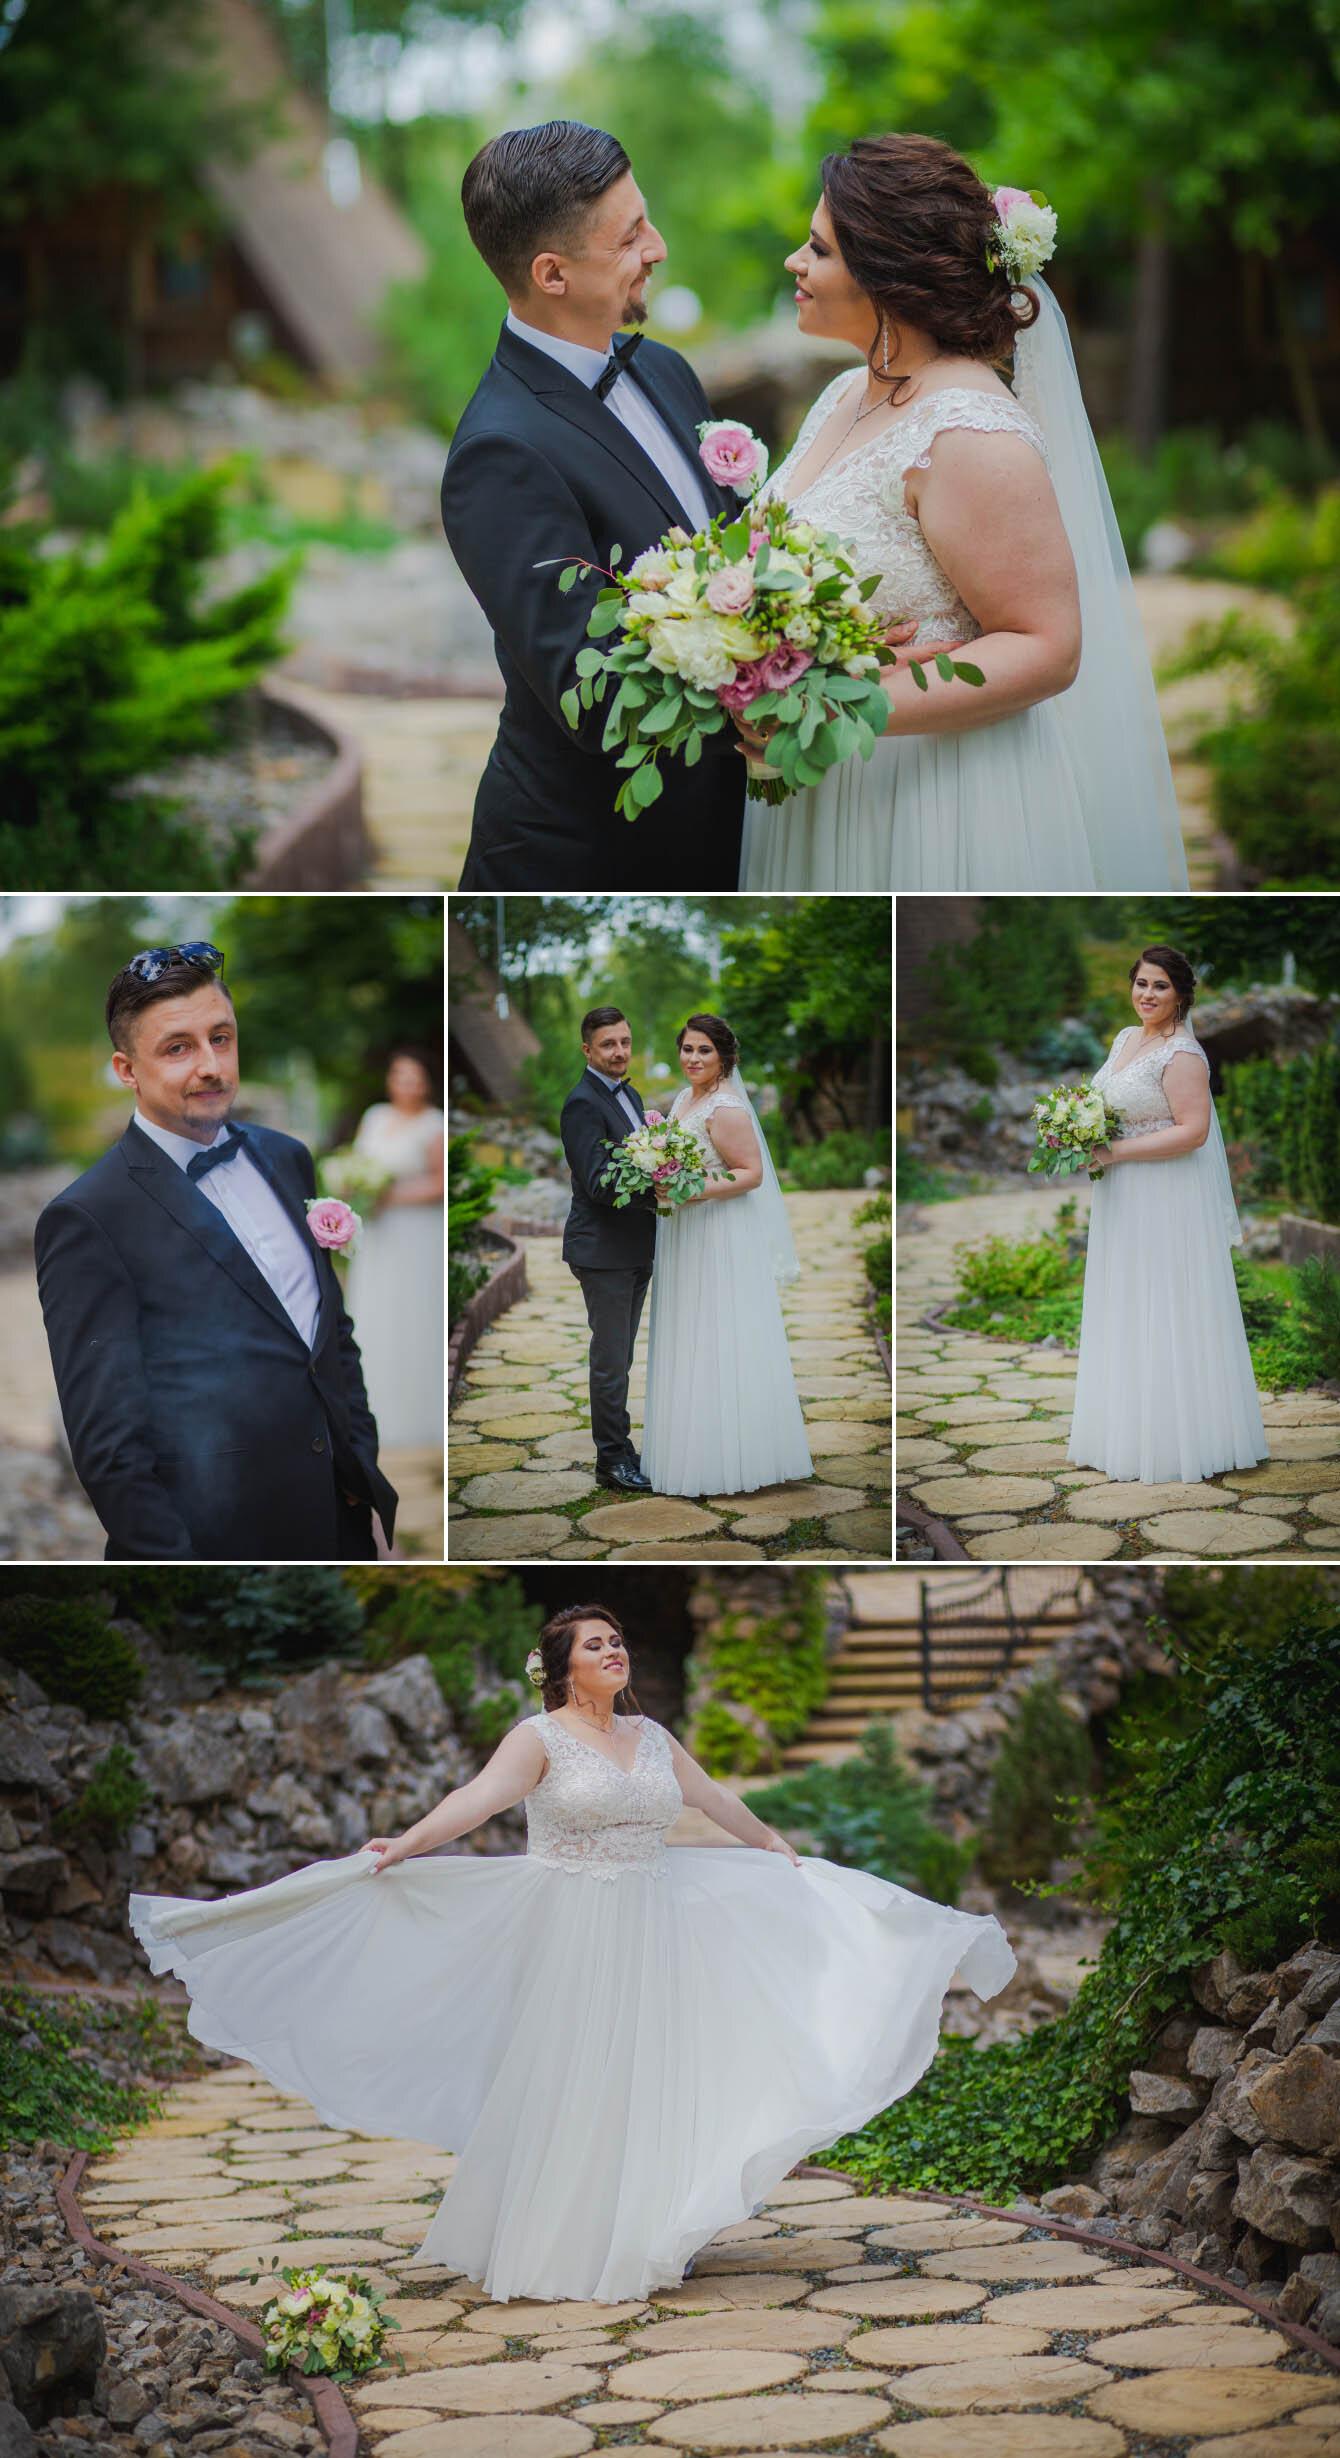 Fotografie ślubne Marka i Angeliki w domu weselnym pod Grzybkiem fotograf Bartek Wyrobek  14.jpg